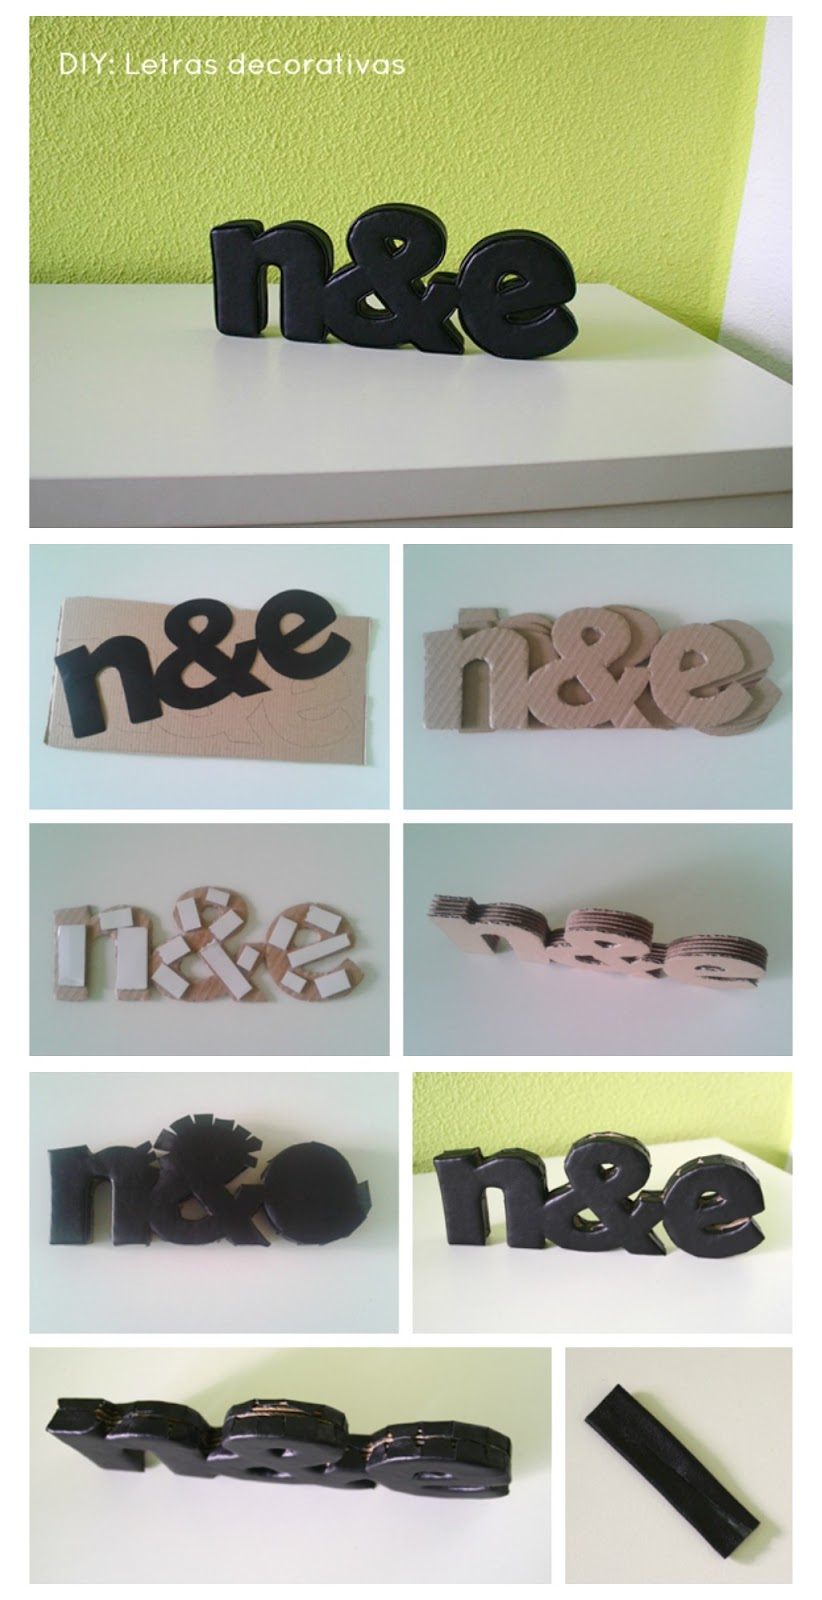 C mo hacer letras decorativas con cart n - Como hacer letras decorativas ...